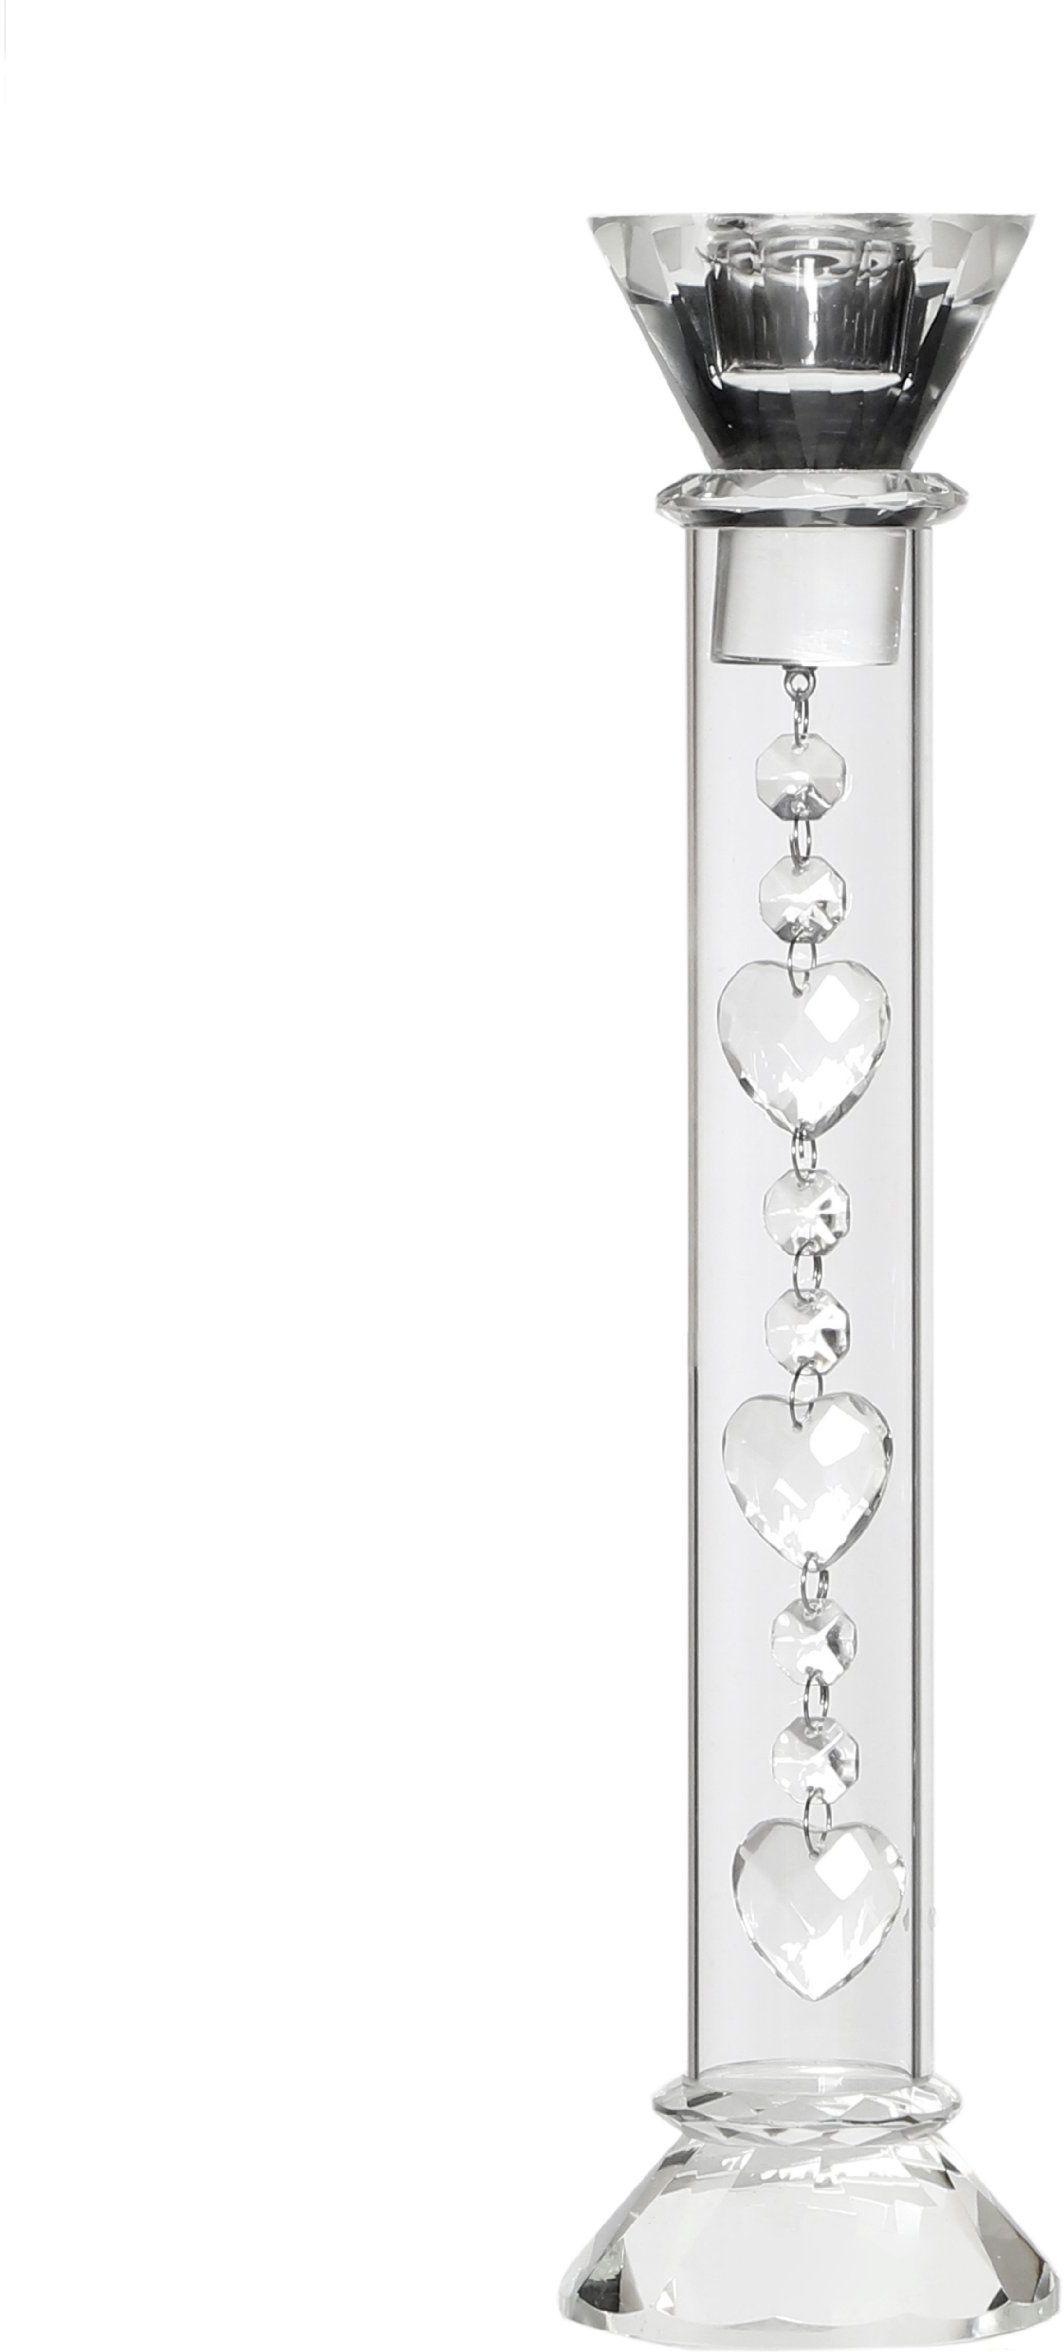 Premier Housewares 1410848 świecznik z wiszącymi sercami, 33 x 8 x 8 cm